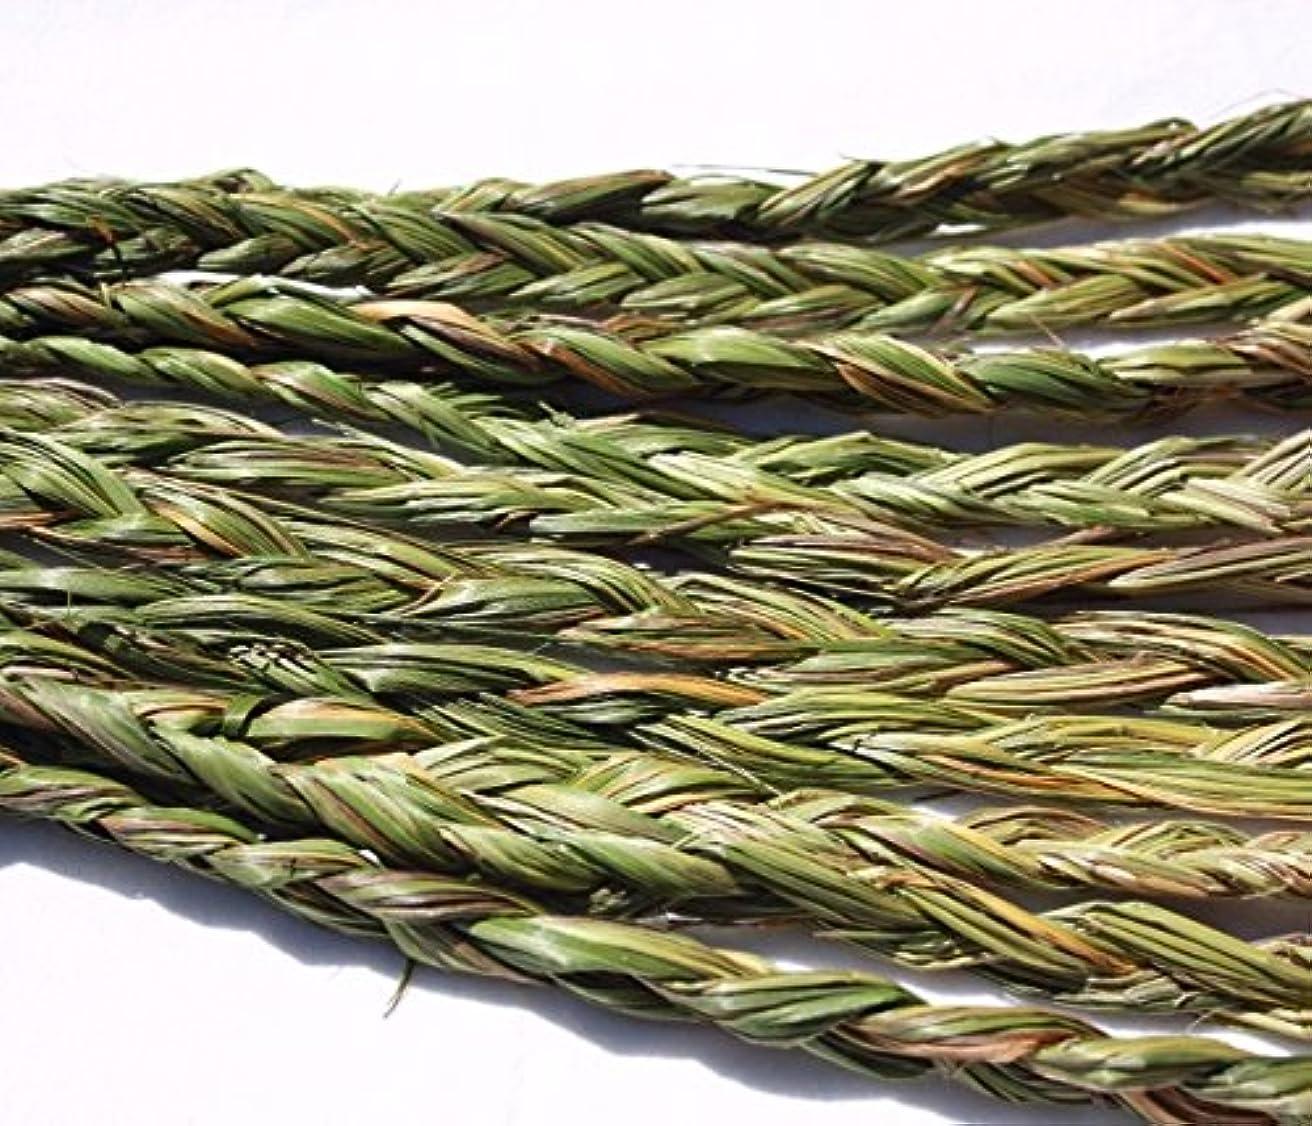 びっくりする飢饉許すオーラVariety Braided Sweetgrass for Smudging – 20